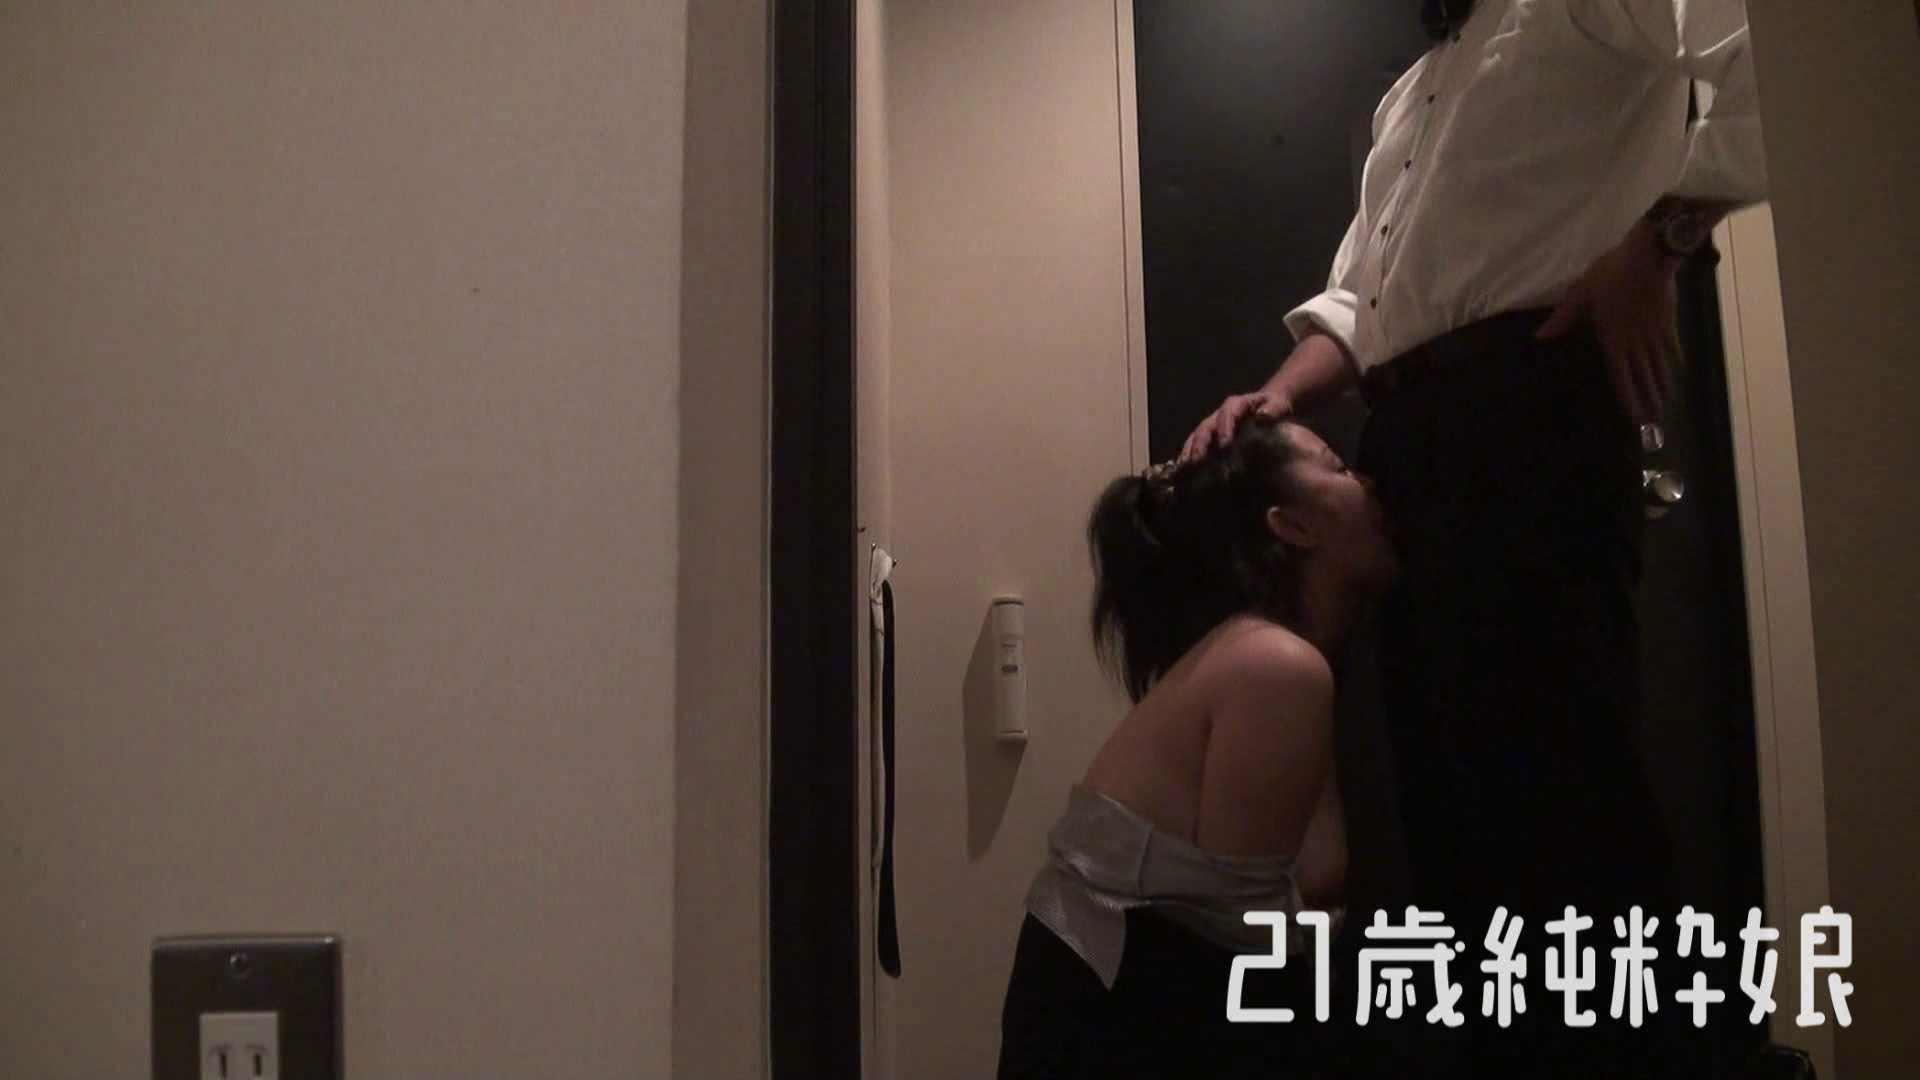 上京したばかりのGカップ21歳純粋嬢を都合の良い女にしてみた 学校  86pic 51